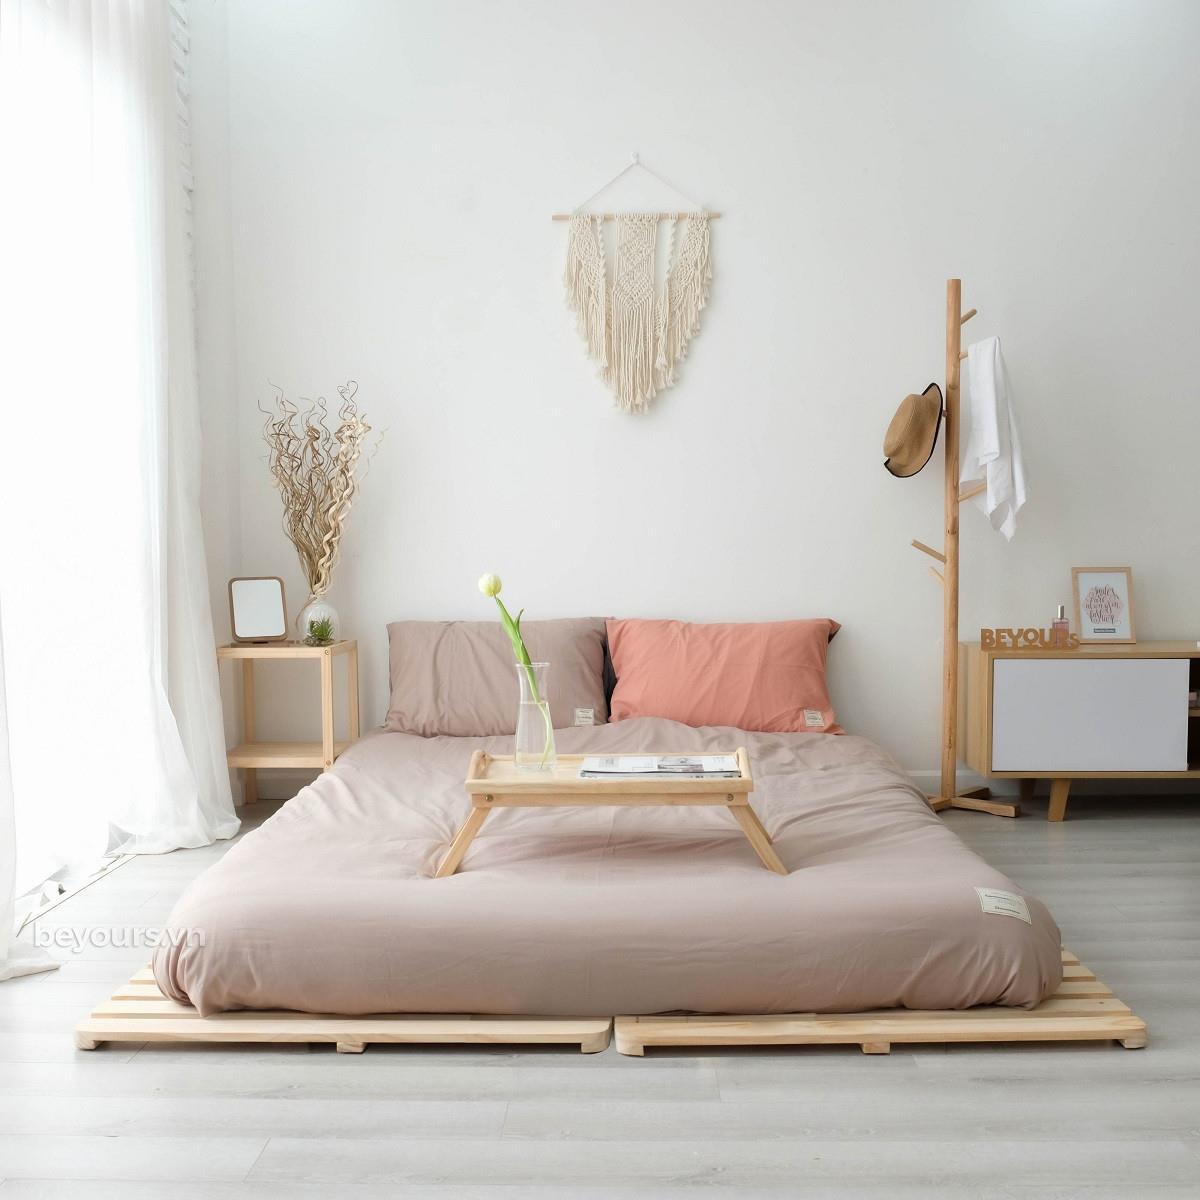 Lên ý tưởng trang trí phòng cho những nàng độc thân chuộng phong cách sống tối giản - Ảnh 1.